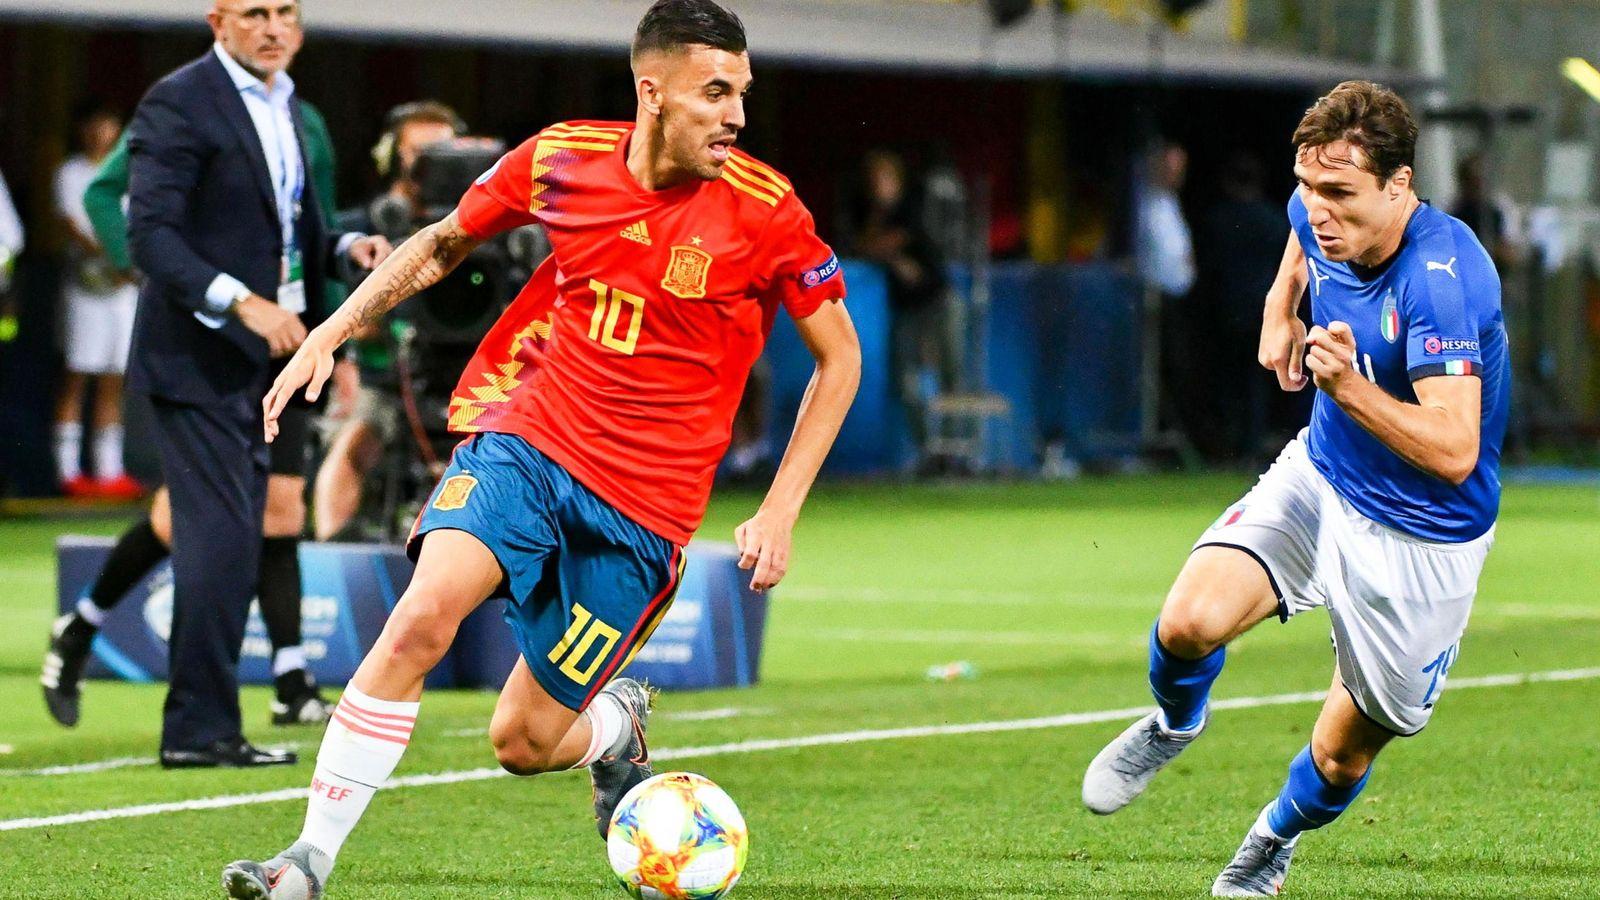 Foto: Dani Ceballos conduce un balón, en el debut de España en el Europeo sub-21, en el partido contra Itali. (Efe)a